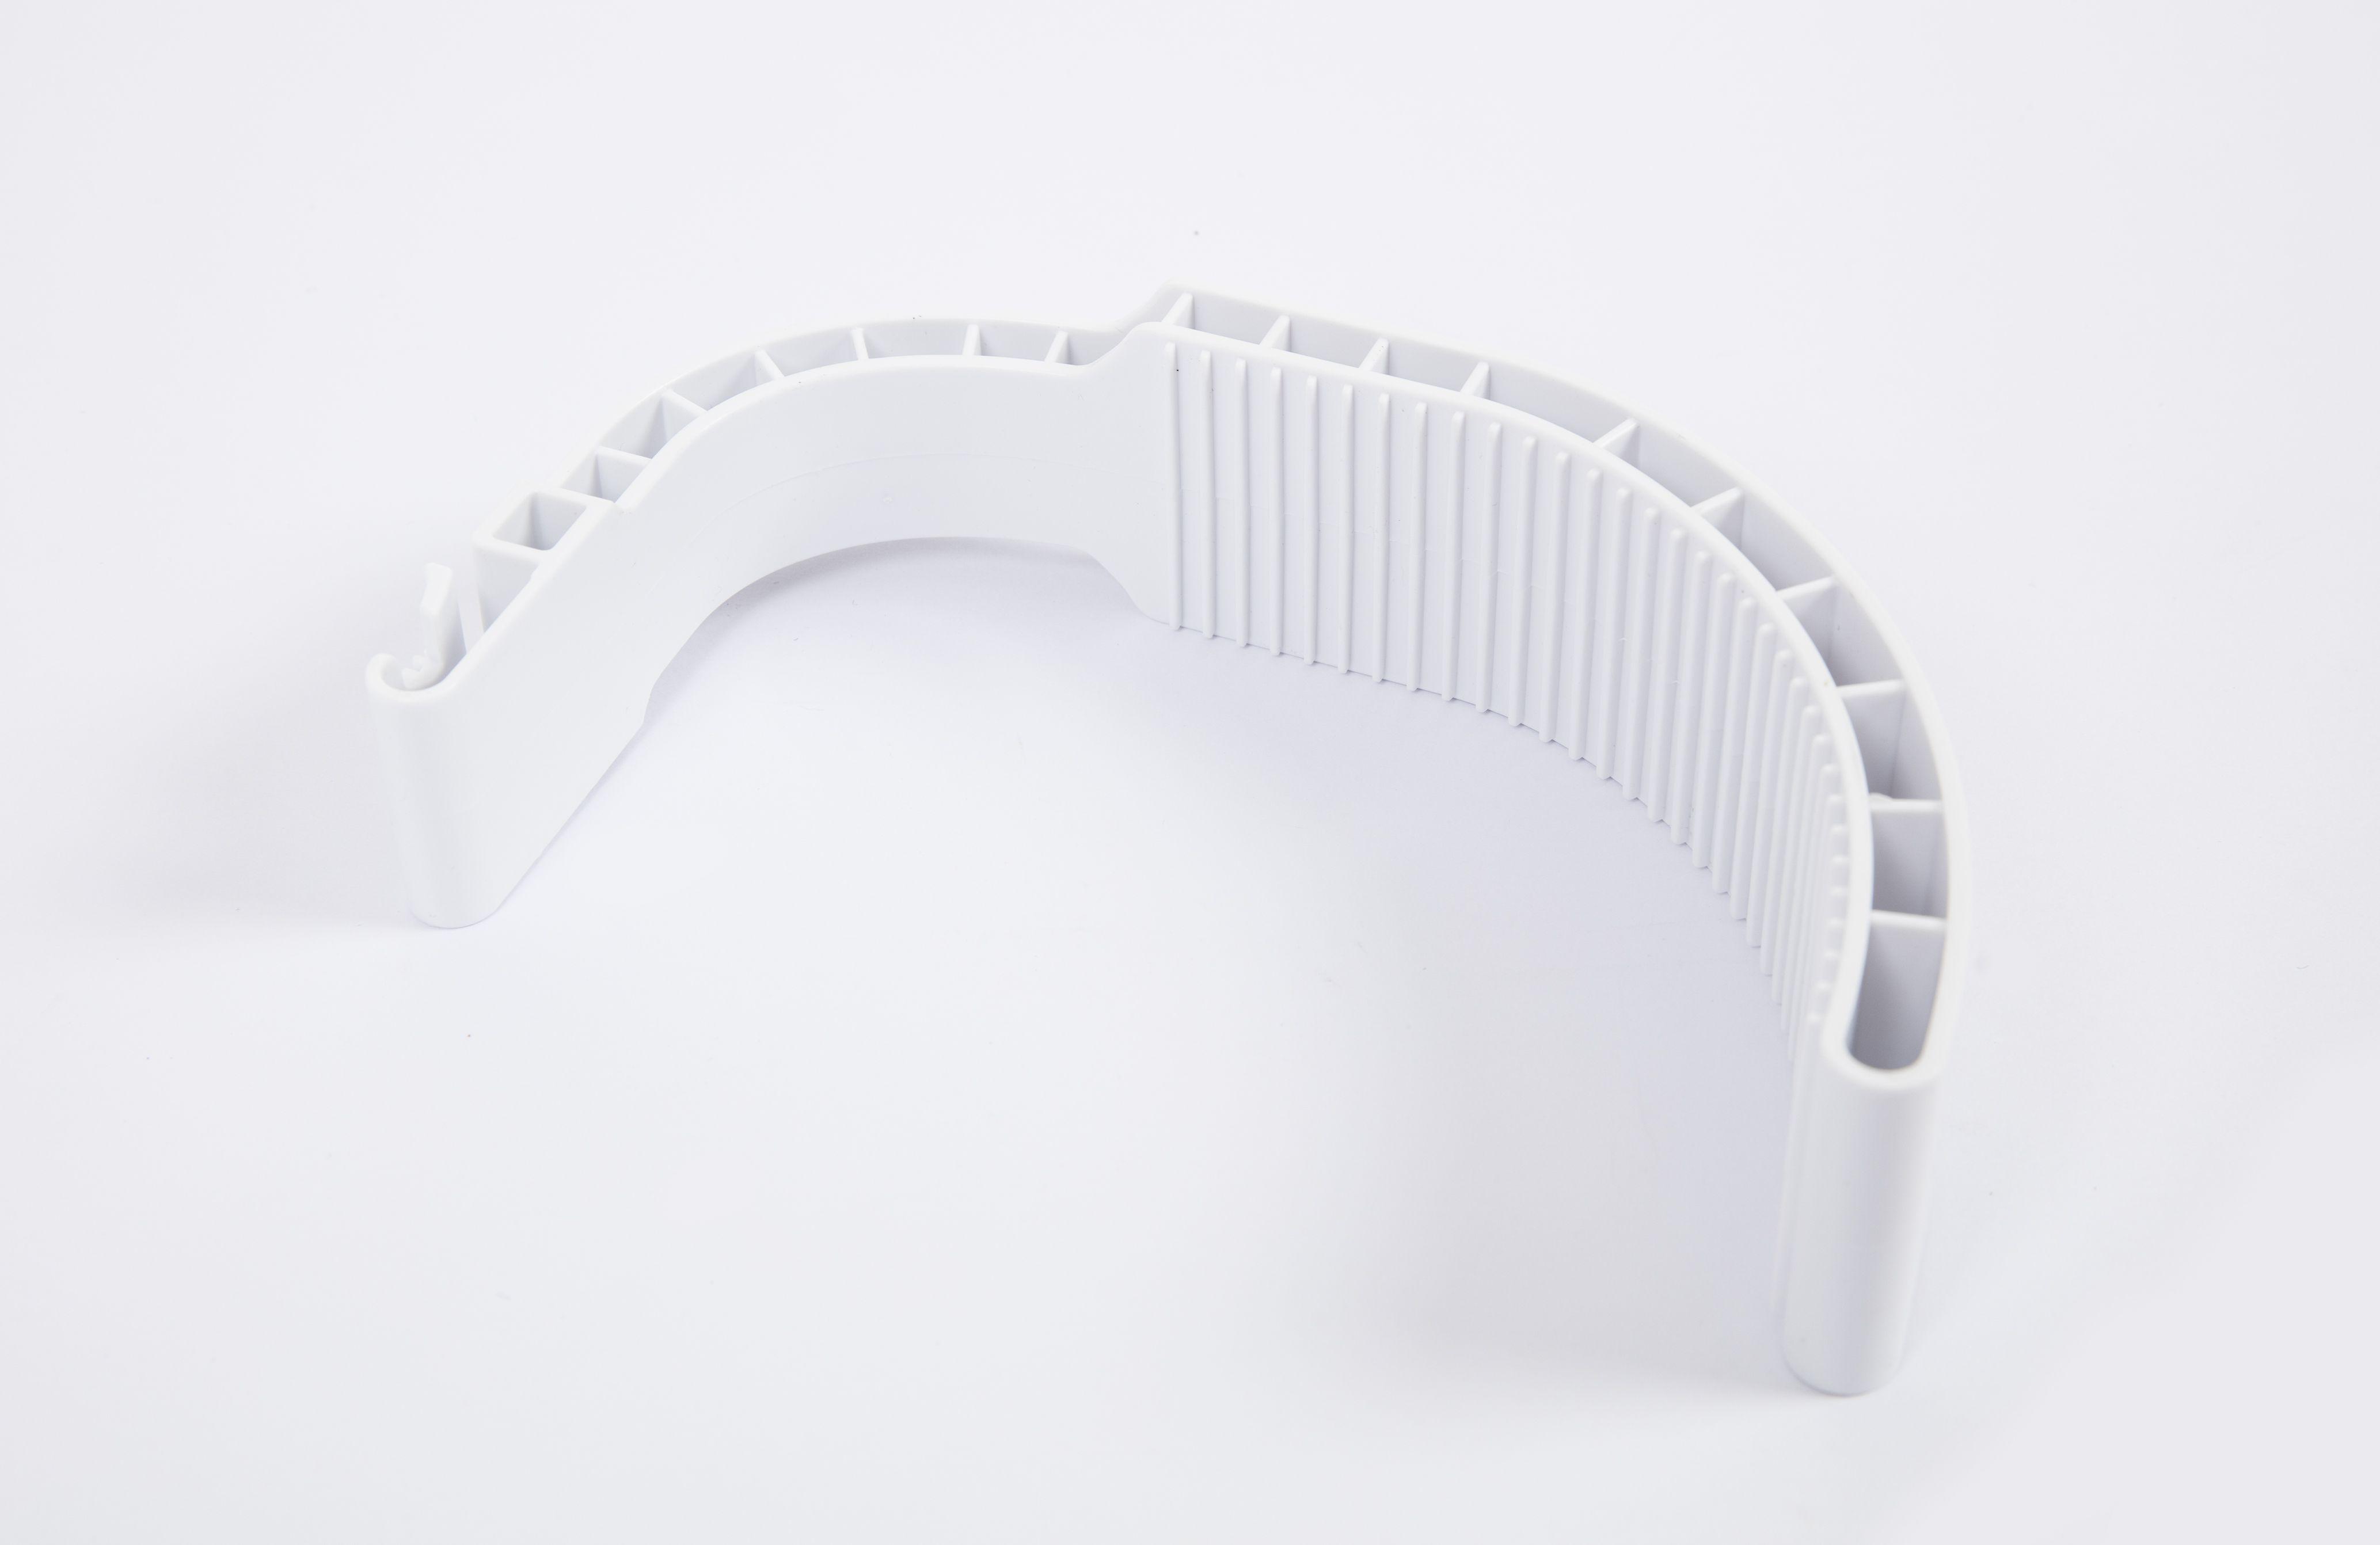 Braccio strutturale per pompa filtro Skimatic